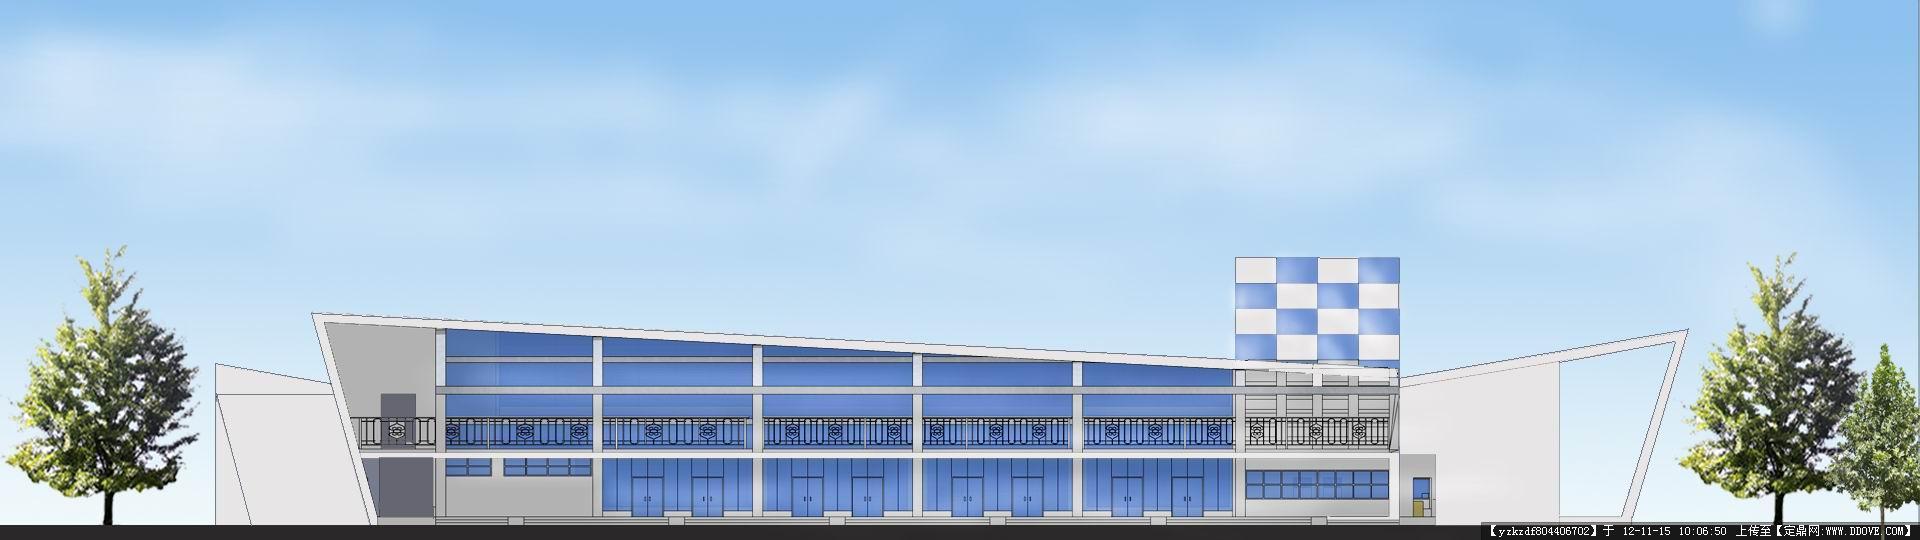 汽车站建筑设计方案带效果图-北立面完成psd.jpg